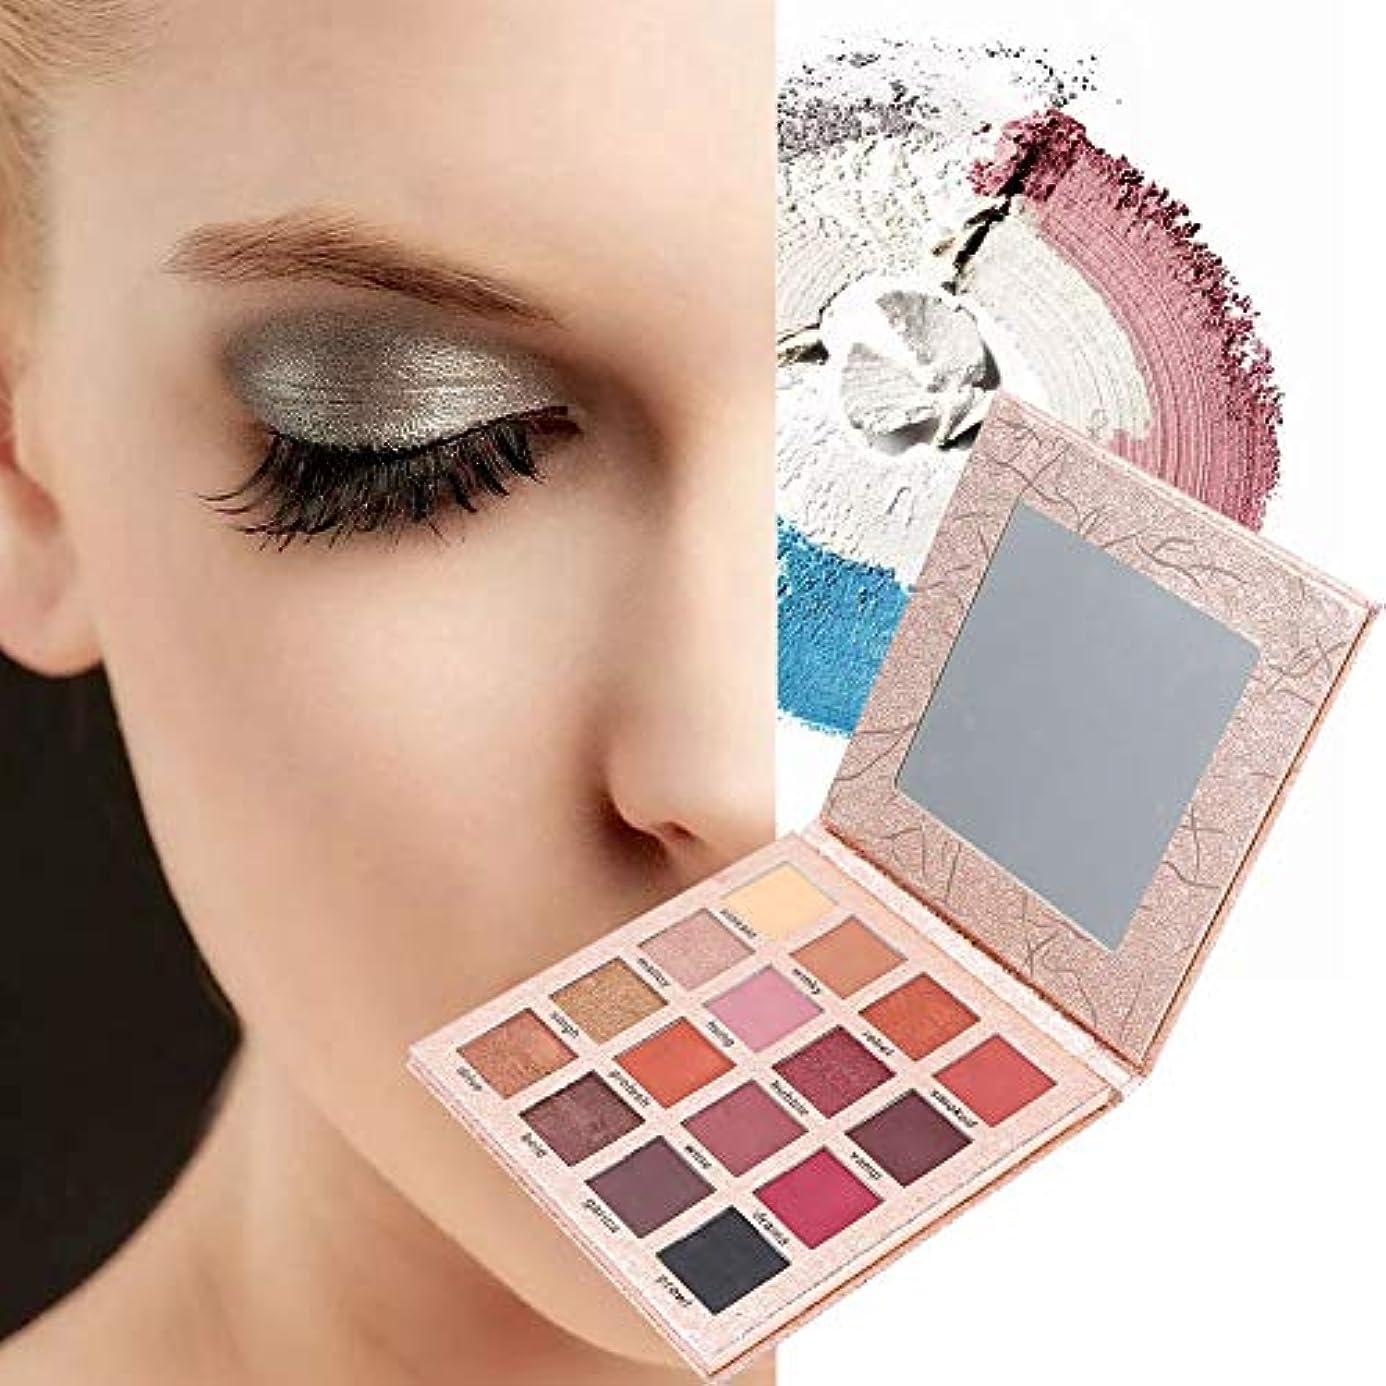 コア定義一過性アイシャドウパレット 16色 アイシャドウパレット 化粧マット グロス アイシャドウパウダー 化粧品ツール